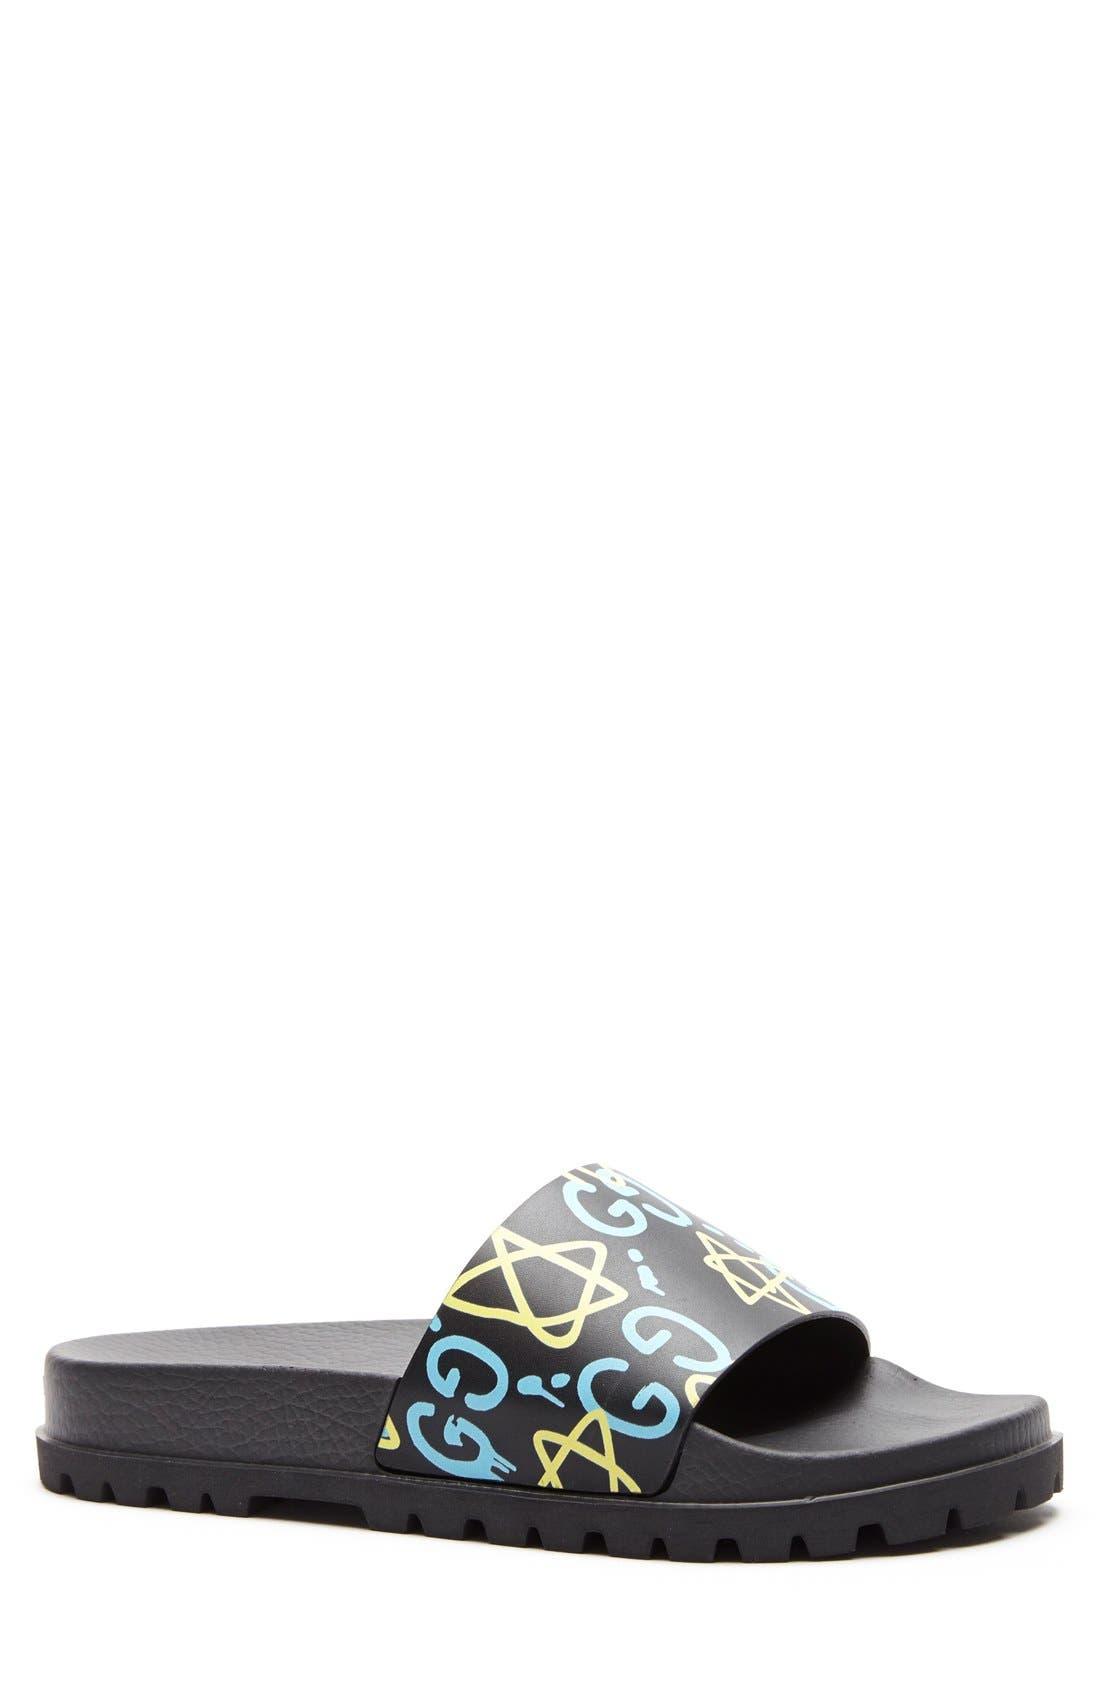 'Pursuit Treck' Slide Sandal,                             Alternate thumbnail 3, color,                             001